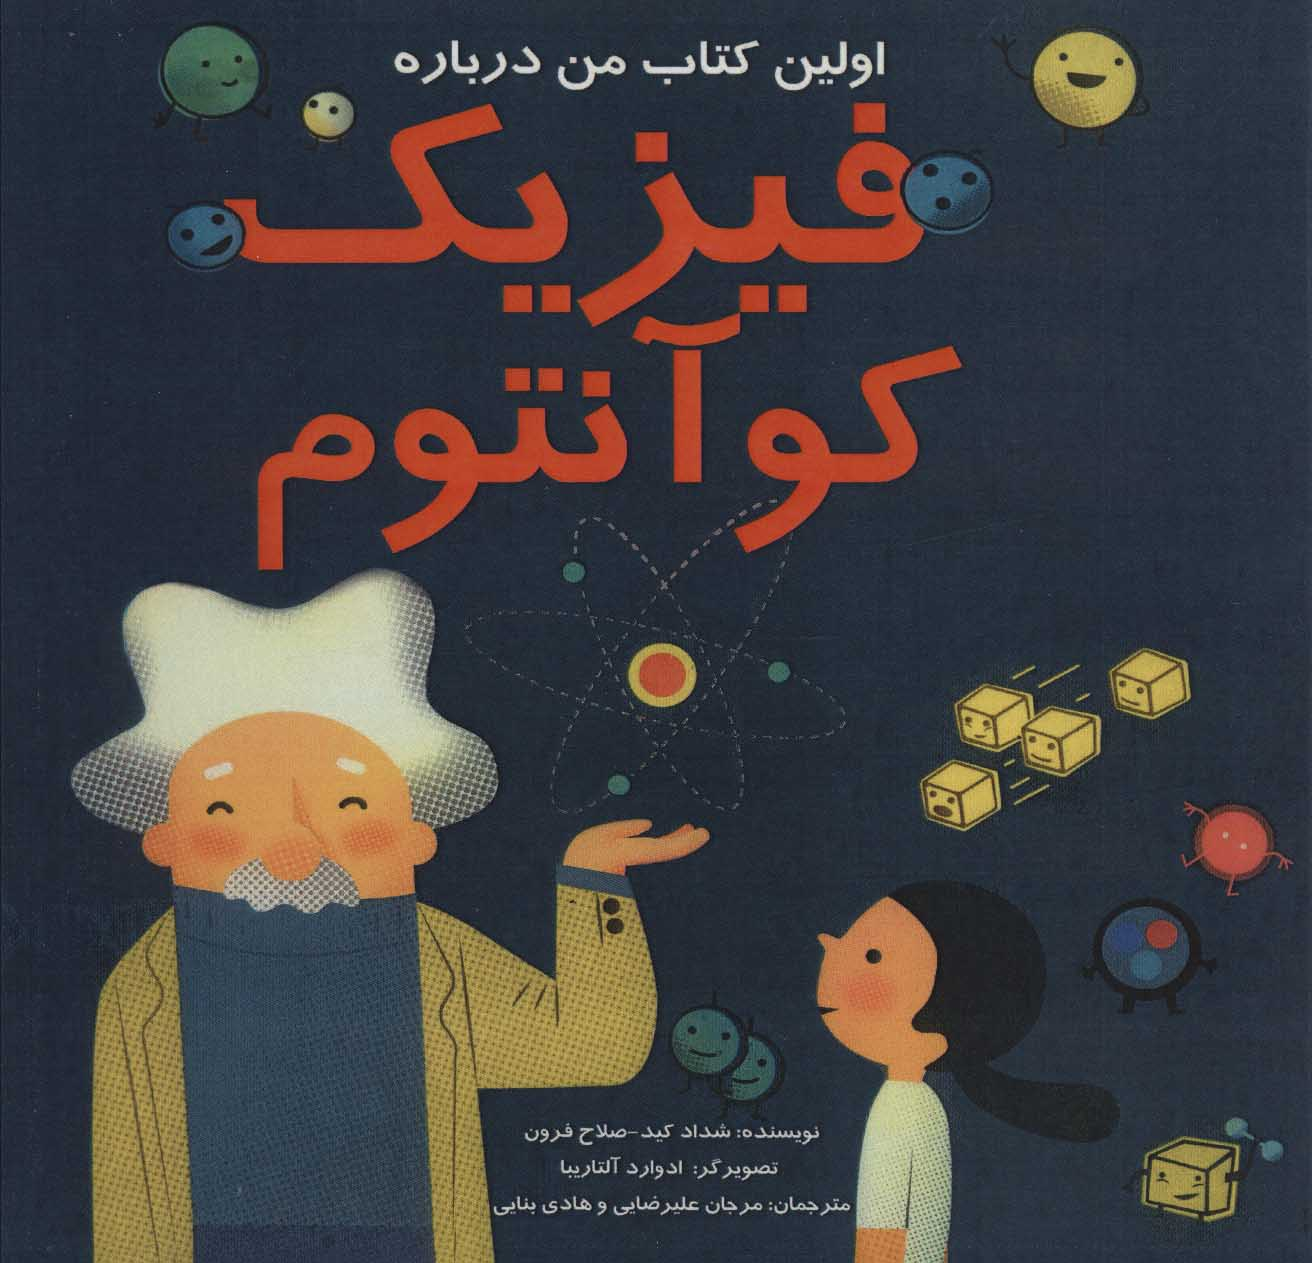 اولین کتاب من درباره فیزیک کوآنتوم (گلاسه)